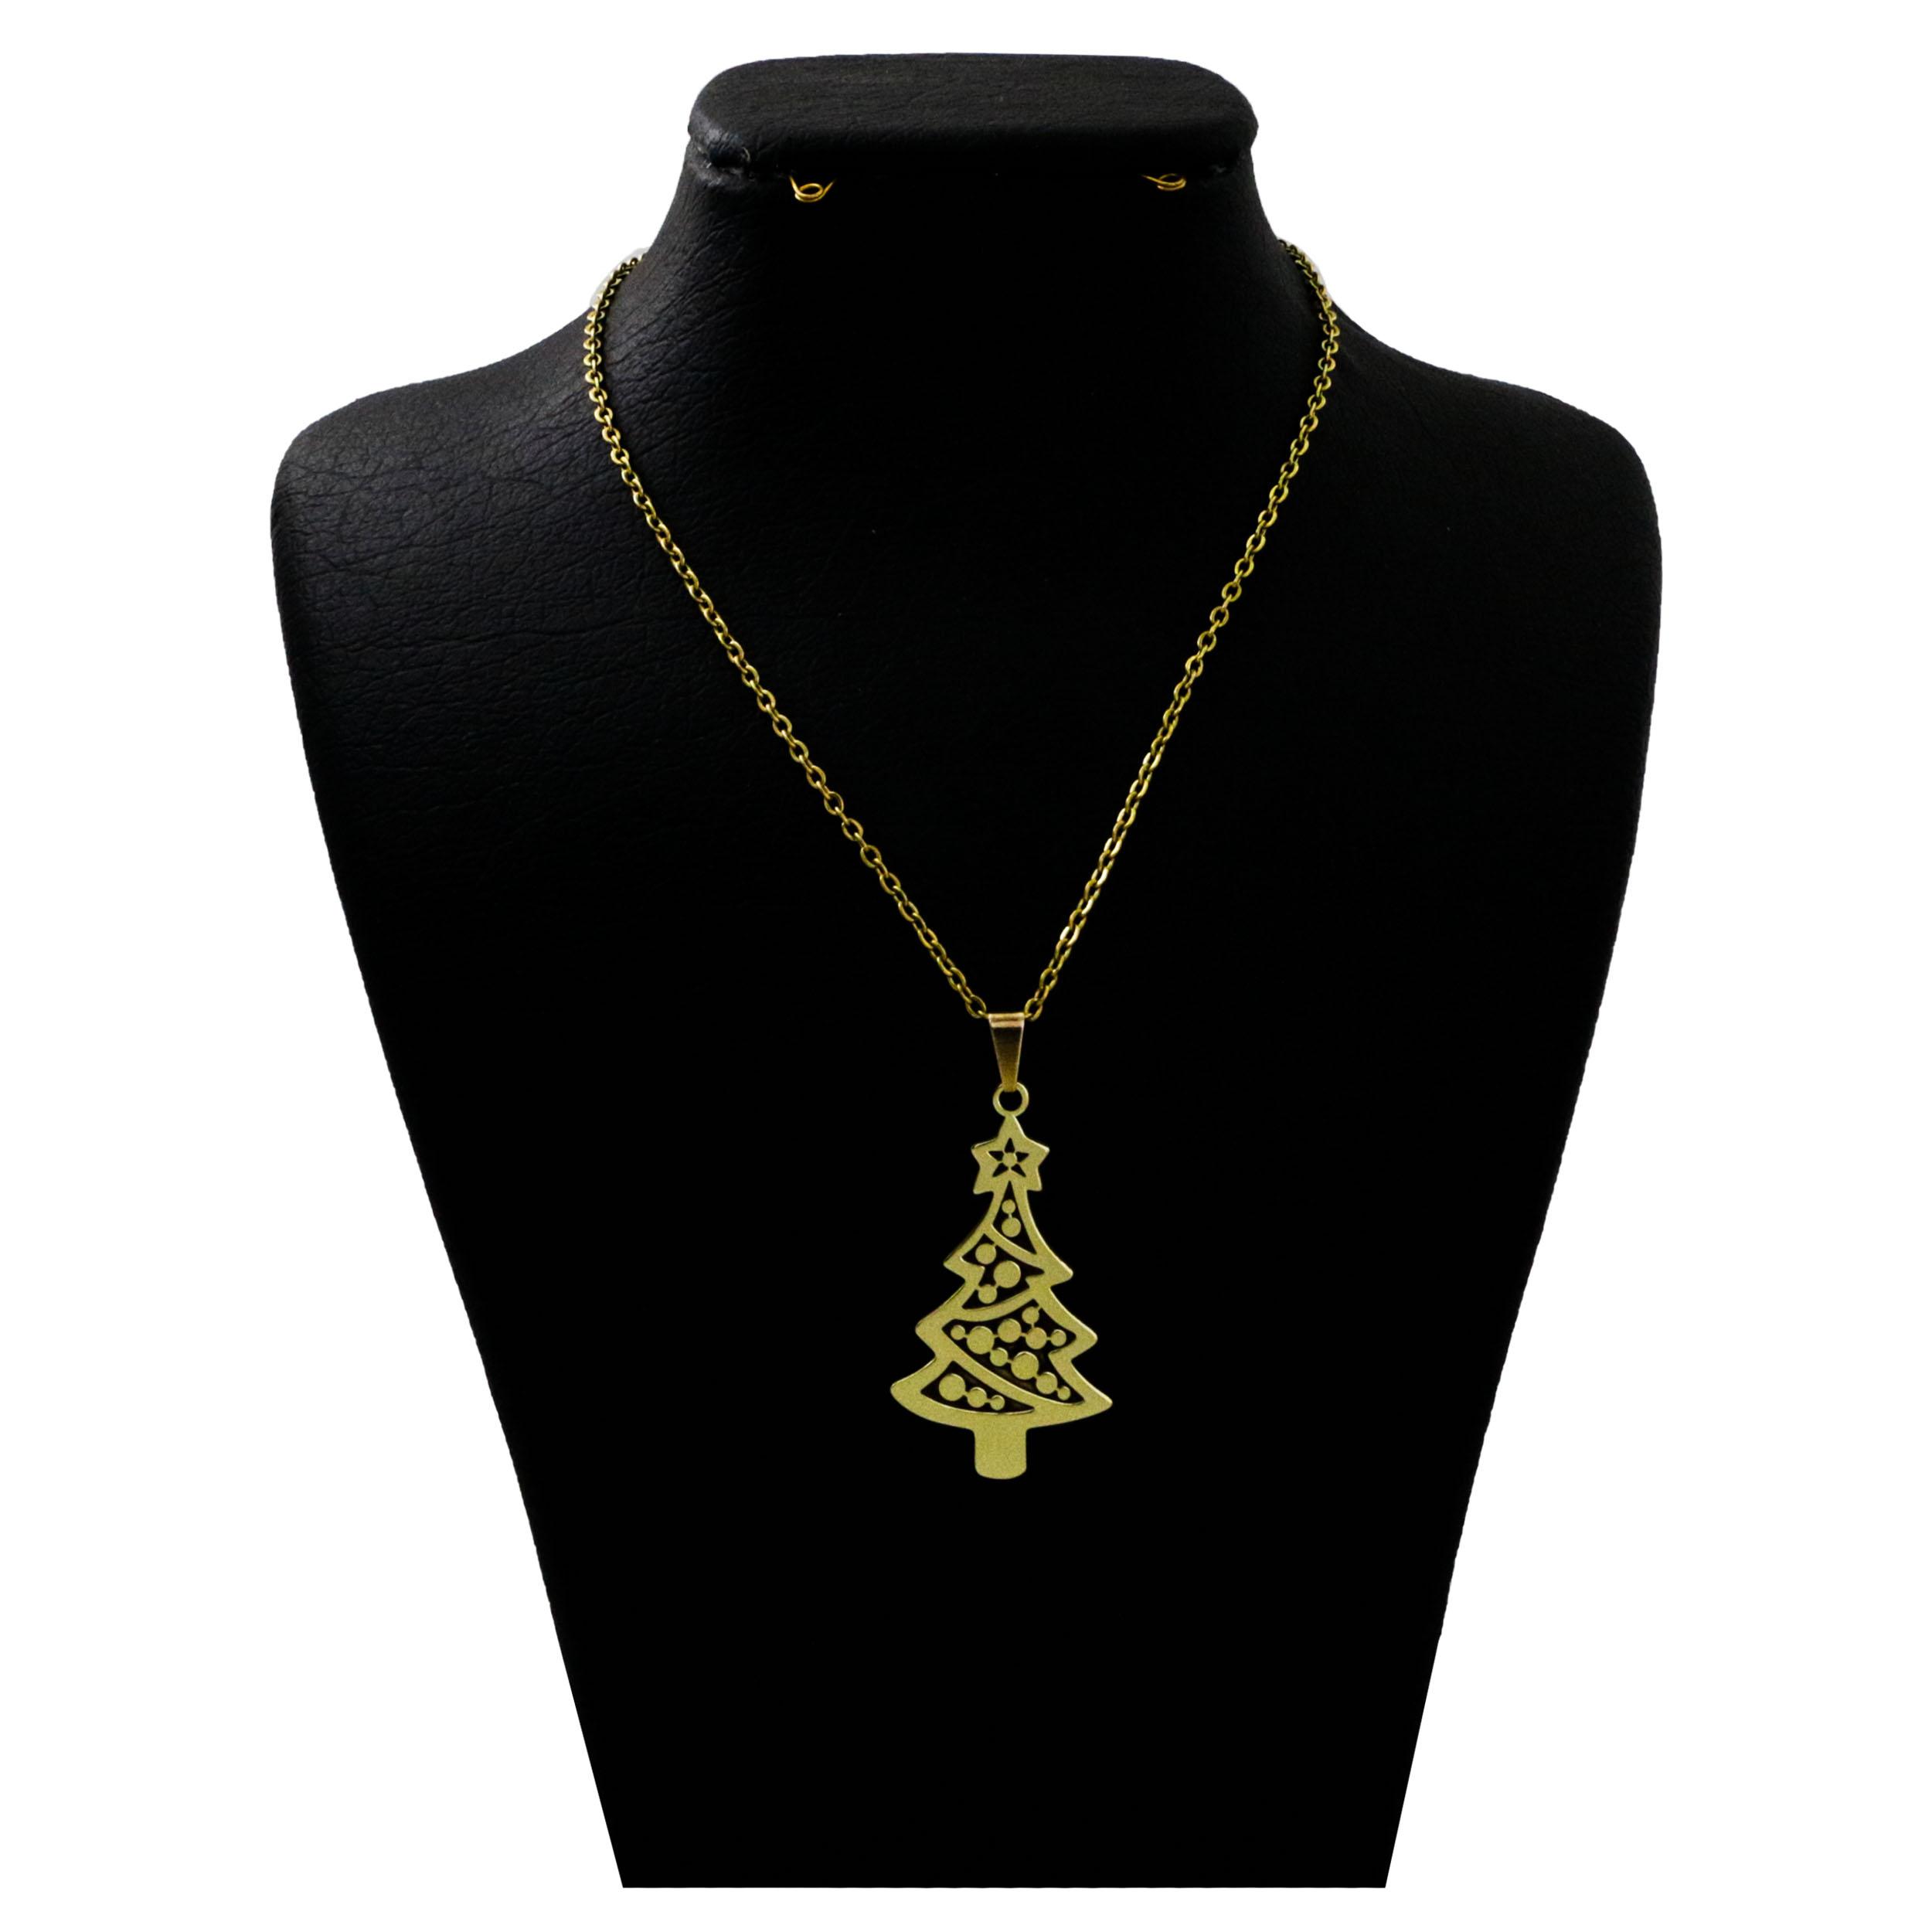 گردنبند نقره زنانه  مدل دلی جم طرح درخت کریسمس  کد D 413